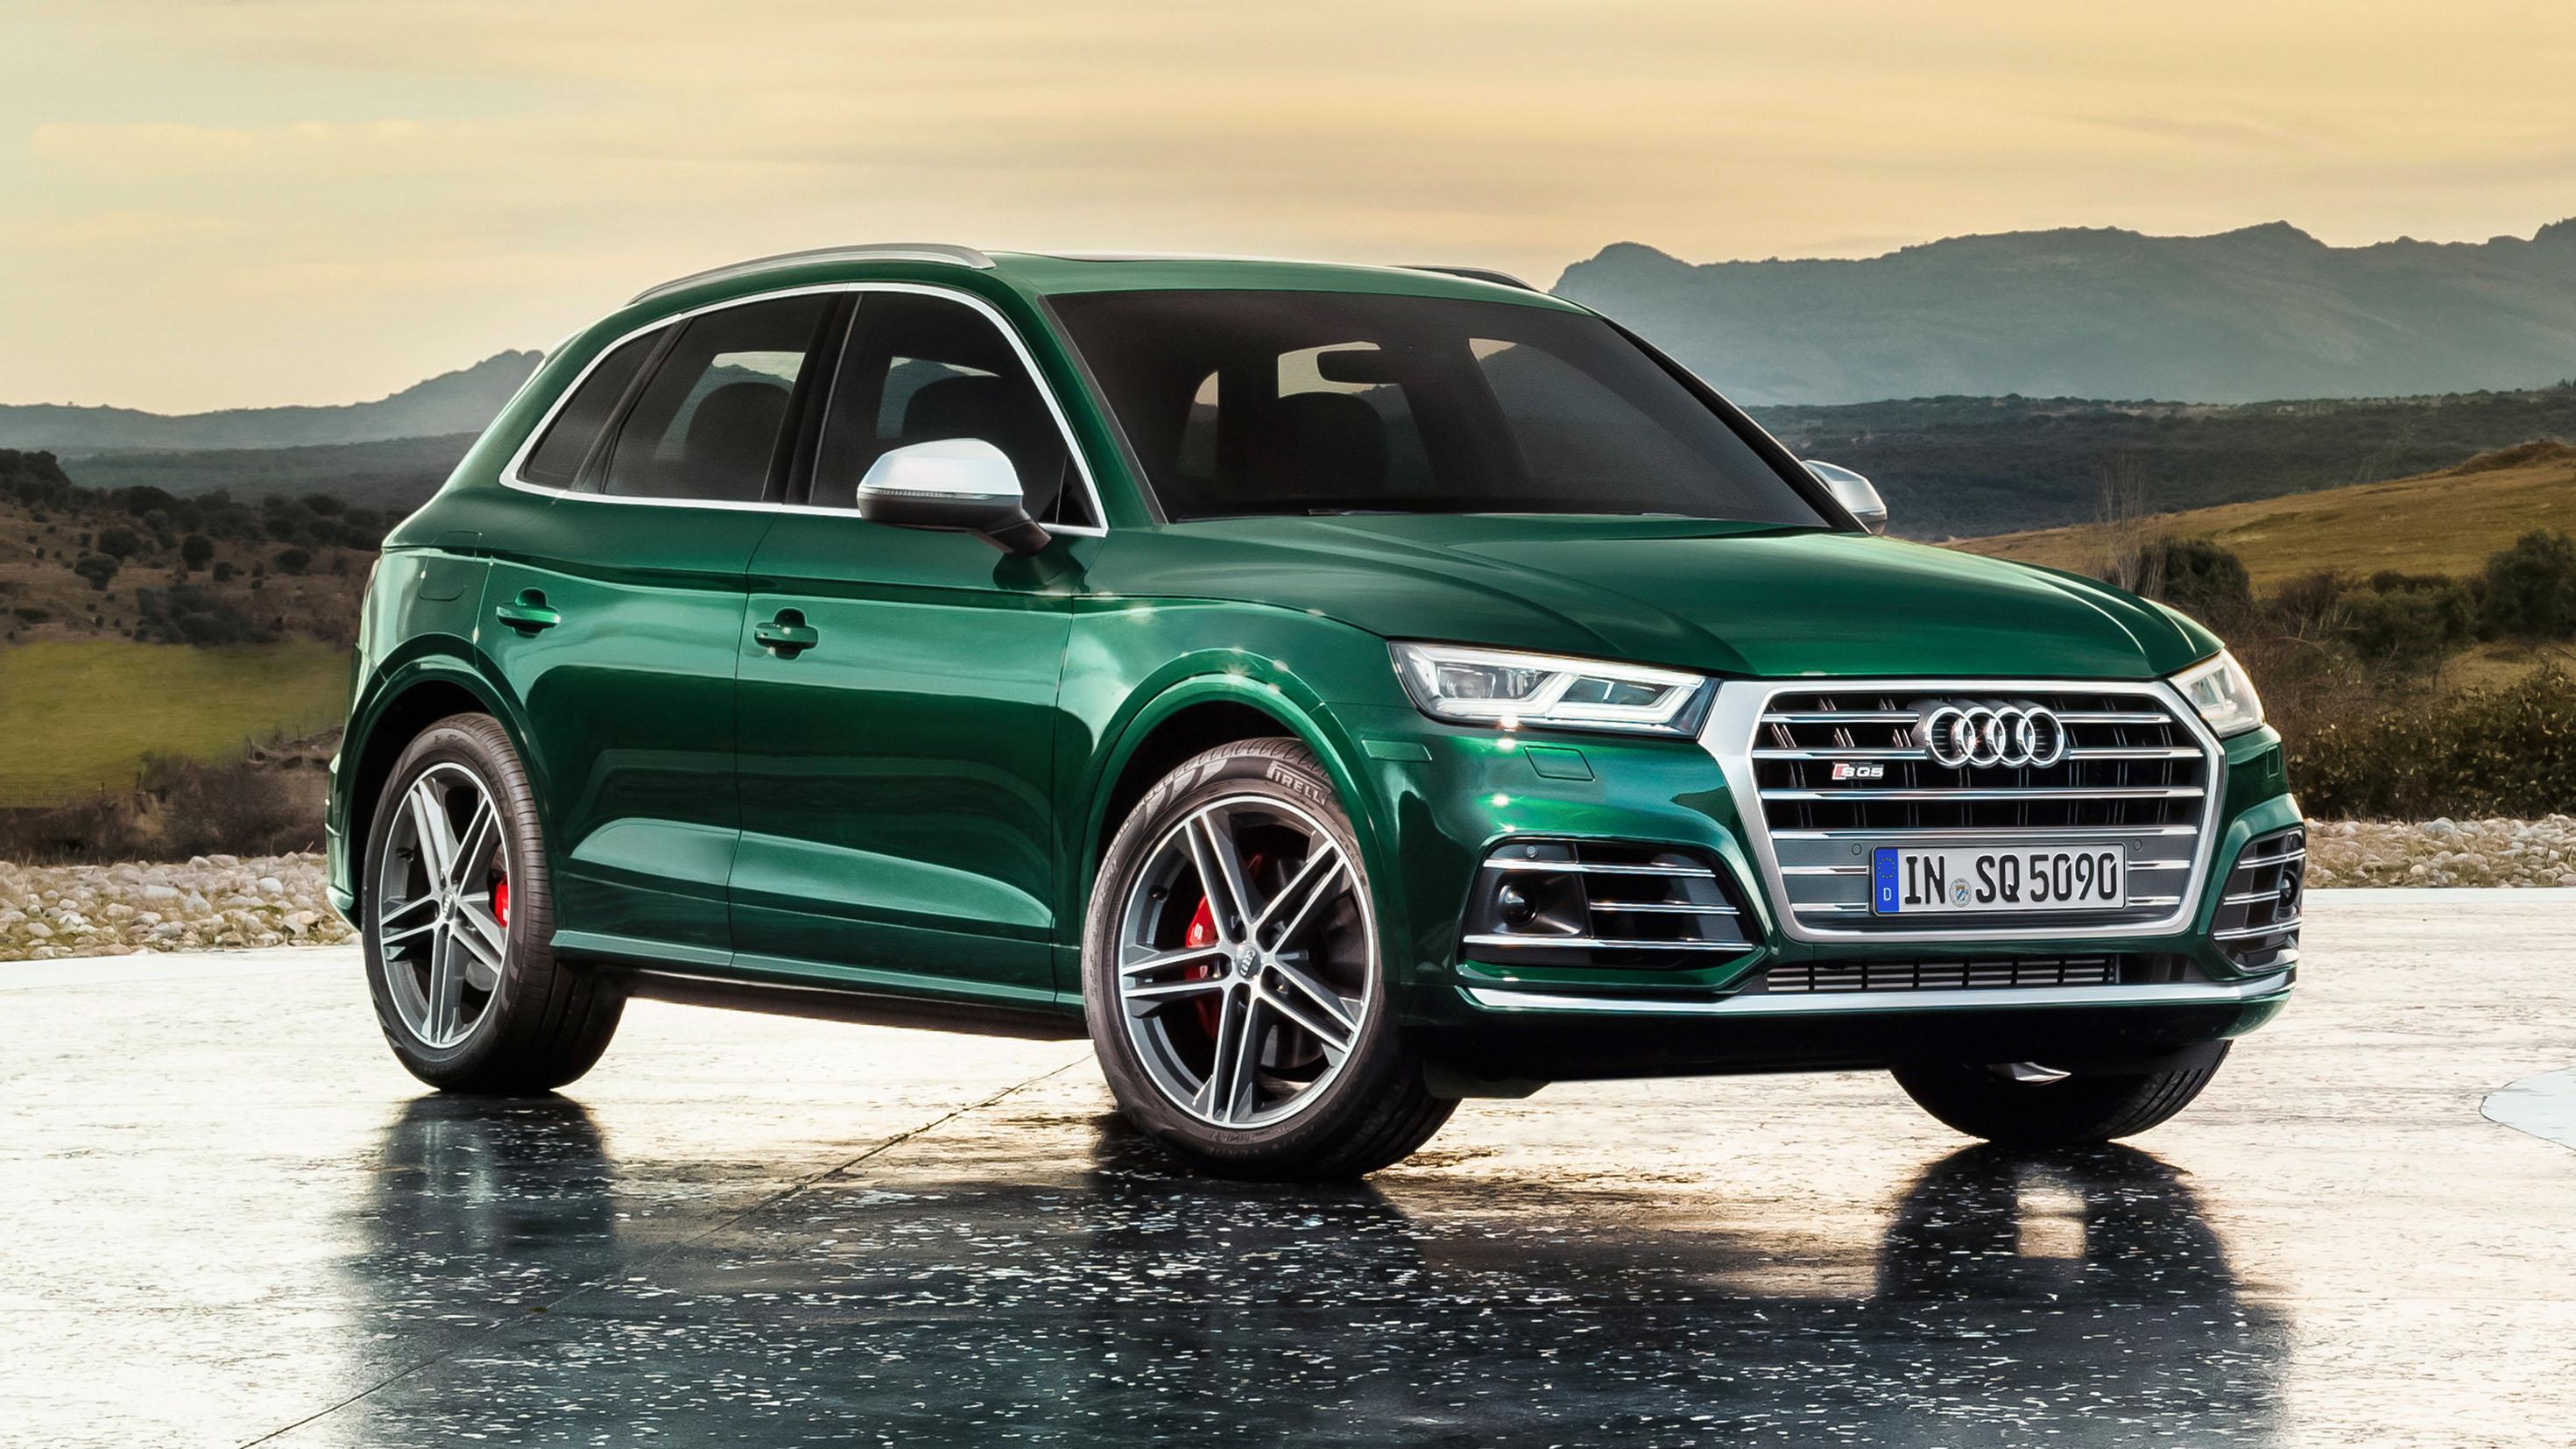 Kelebihan Kekurangan Audi Sq5 2019 Harga